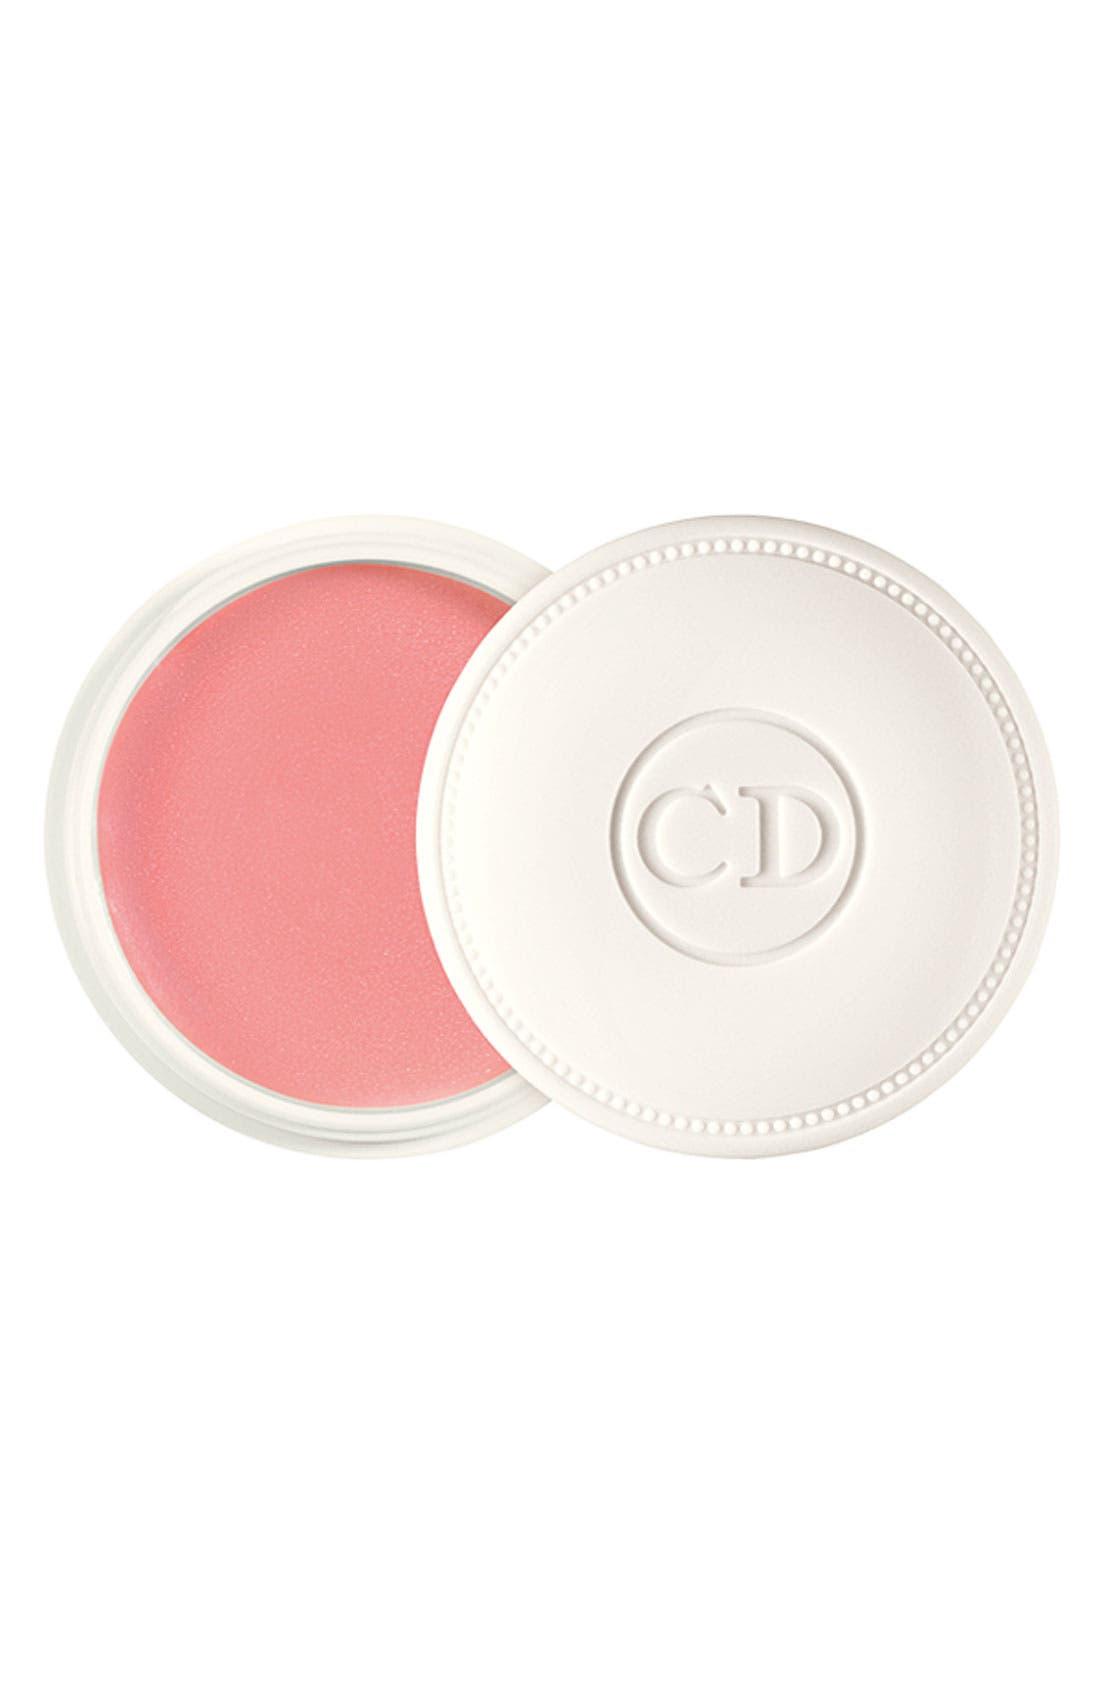 DIOR 'Crème de Rose' Smoothing Plumping Lip Balm SPF 10, Main, color, 000